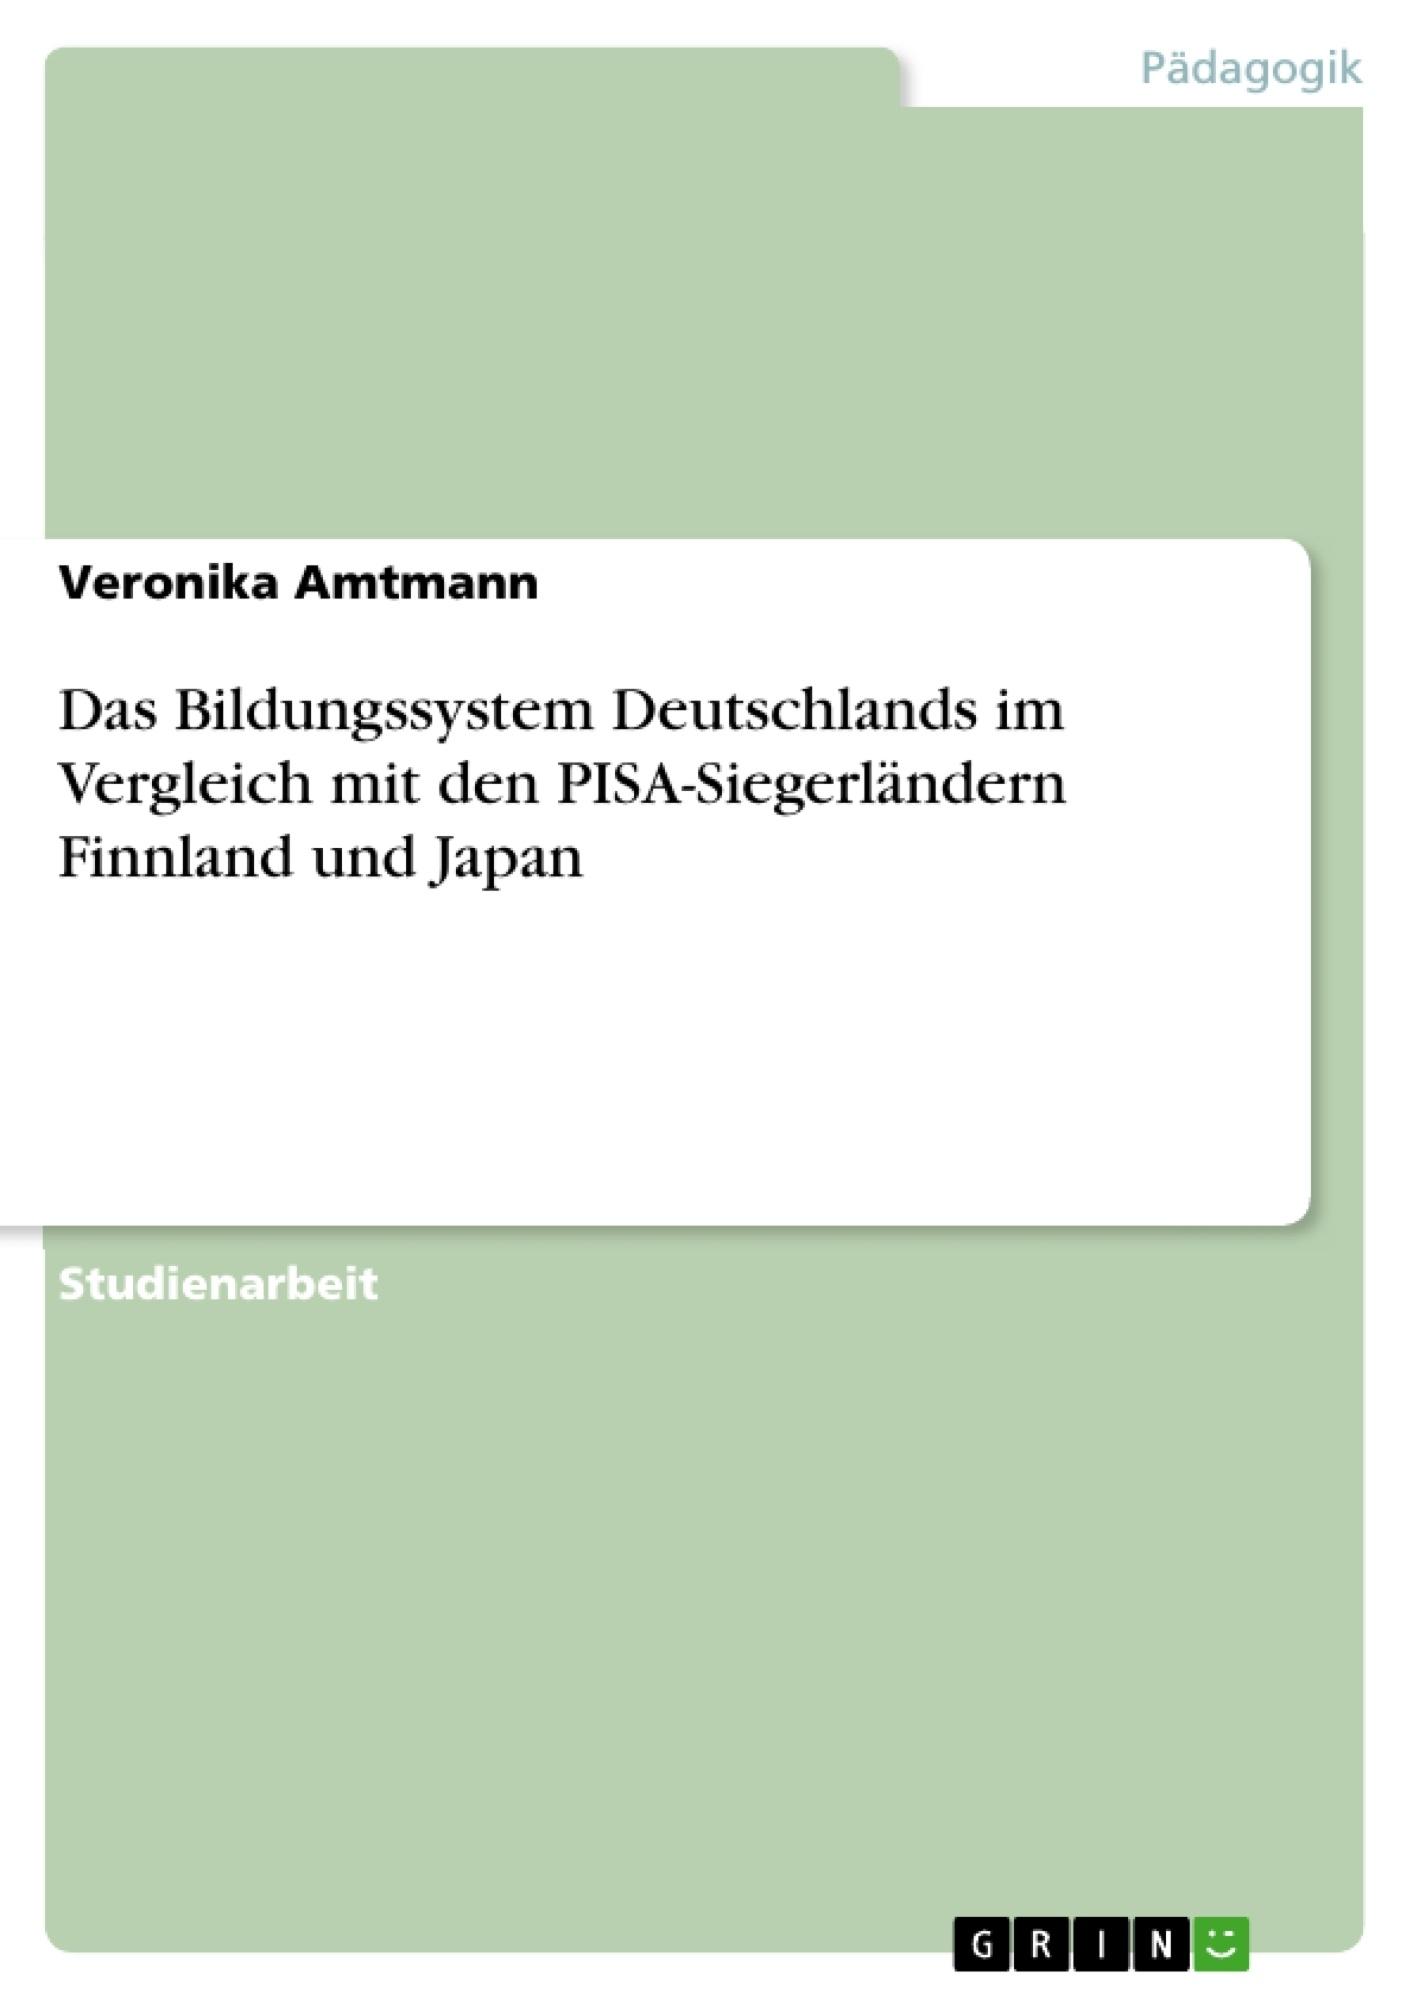 Titel: Das Bildungssystem Deutschlands im Vergleich mit den PISA-Siegerländern Finnland und Japan